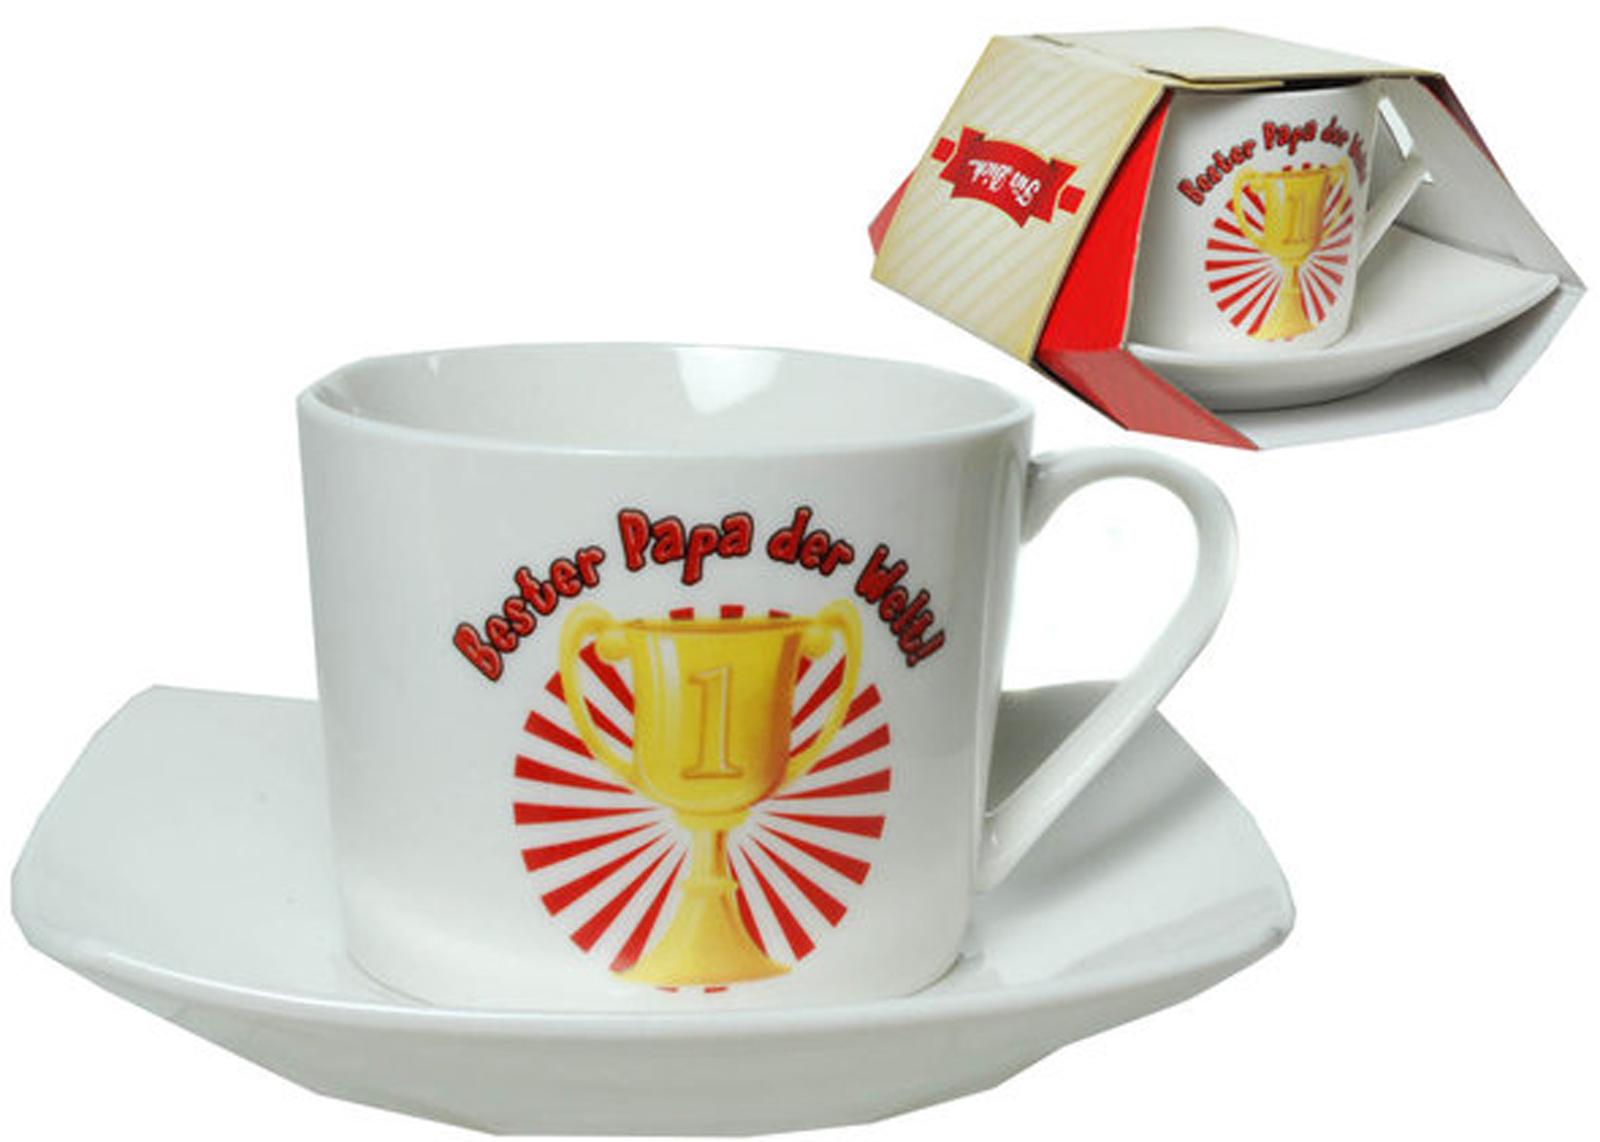 tasse mit unterteller kaffeetasse geschenkidee kaffeebecher m nnertag muttertag ebay. Black Bedroom Furniture Sets. Home Design Ideas